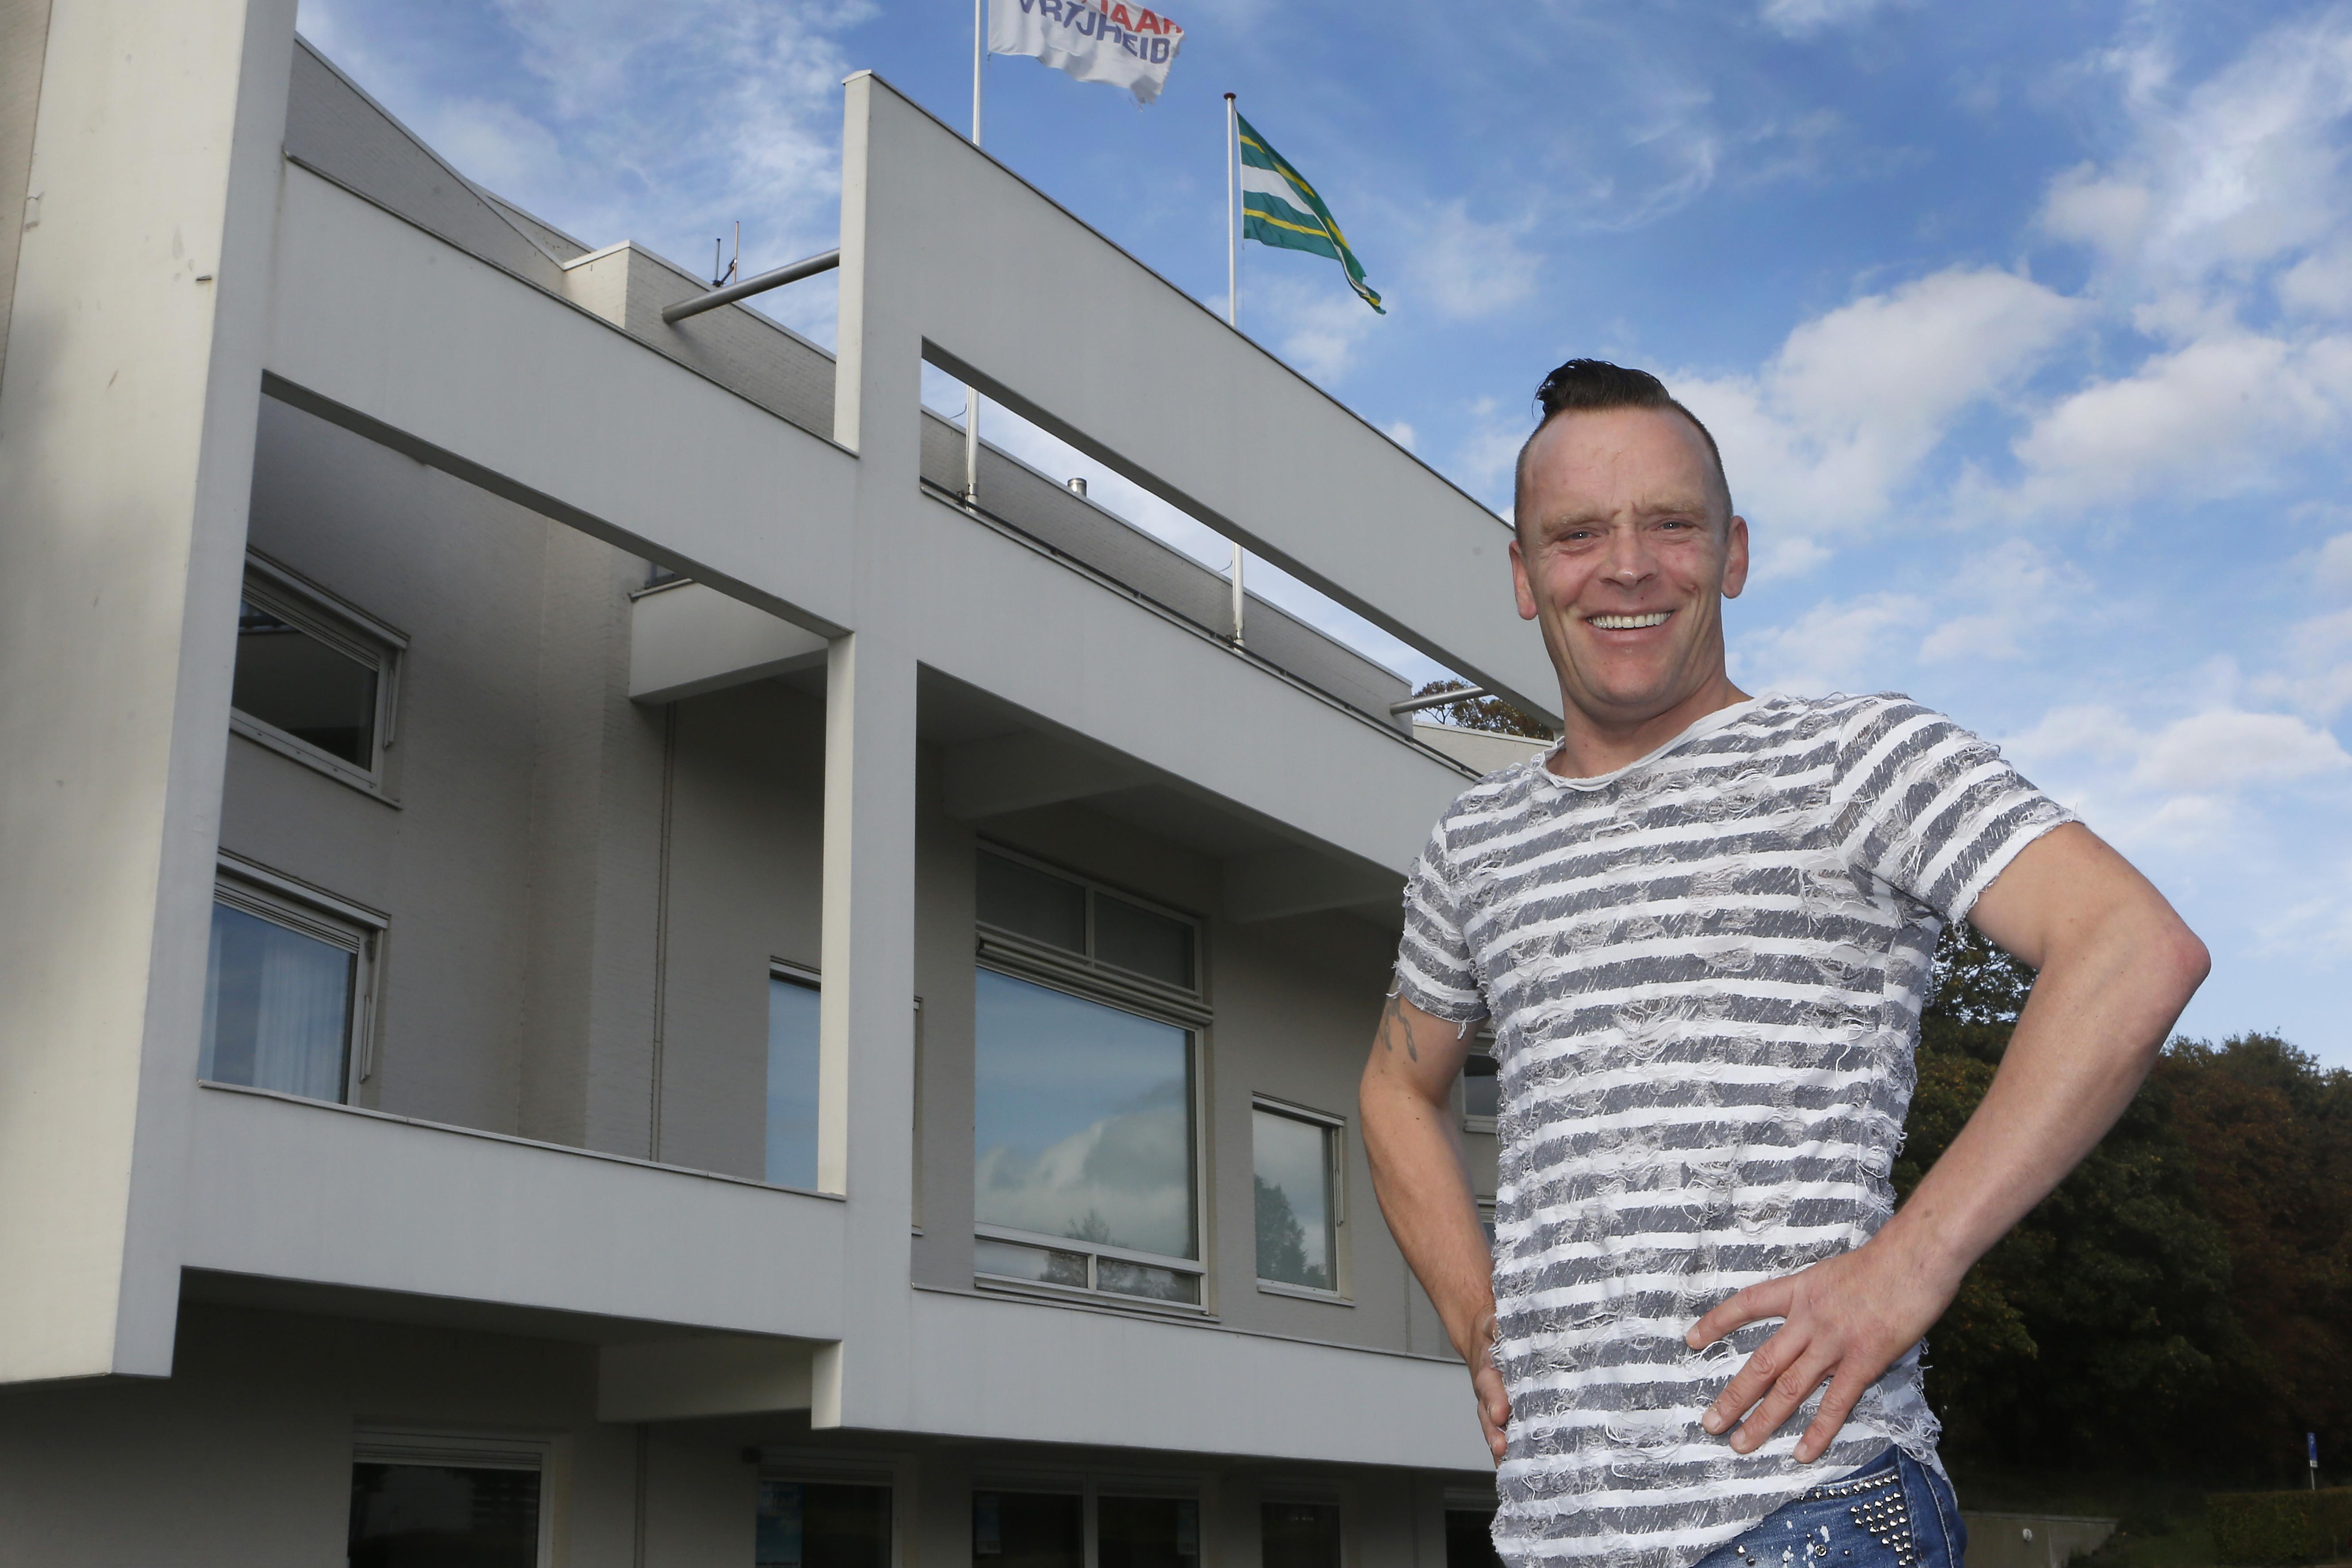 Patrick van Rijn wil referendum om vuurwerkverbod in Soest van tafel te krijgen. Opdracht nummer 1: Op zoek naar minstens 254 medestanders